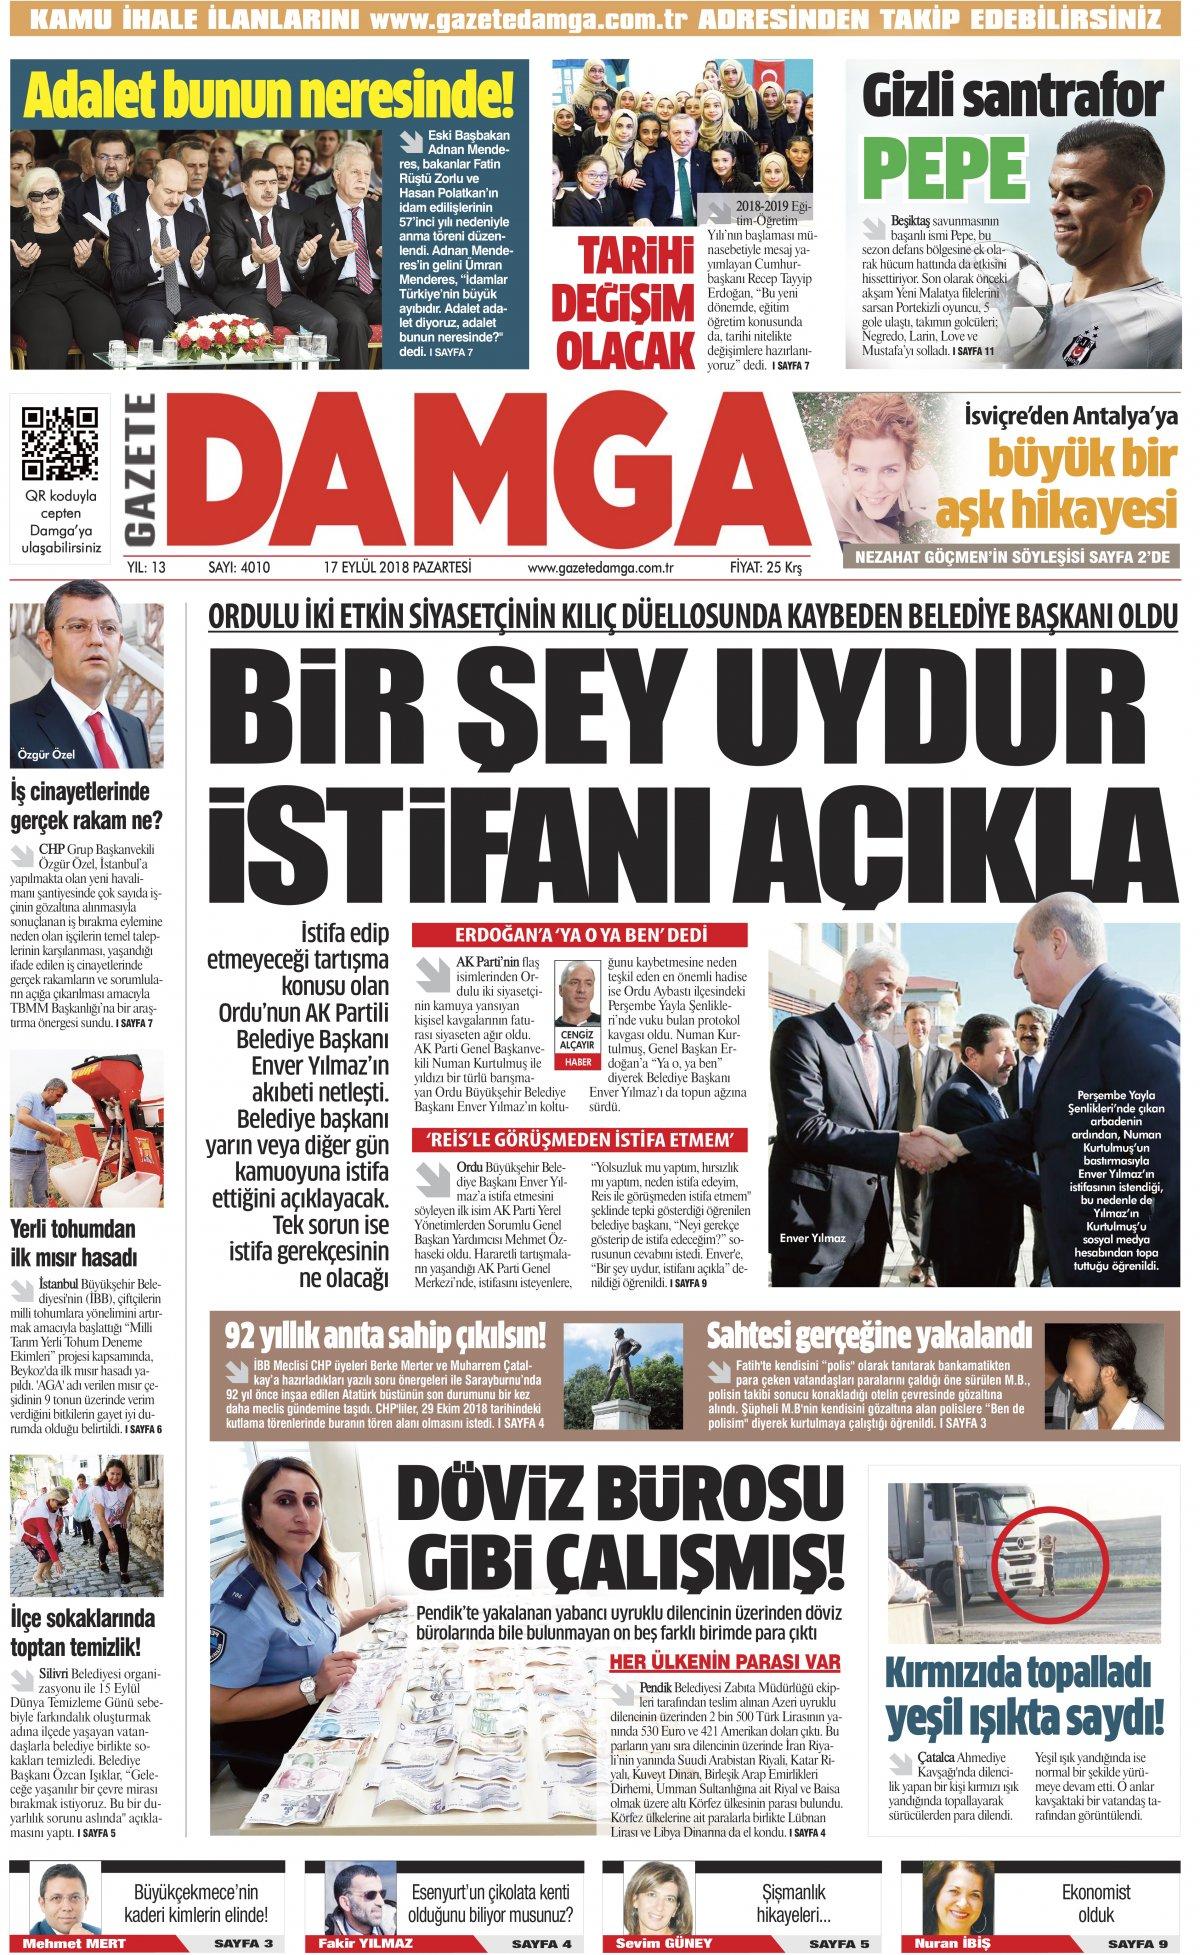 Gazete Damga - 17.09.2018 Manşeti